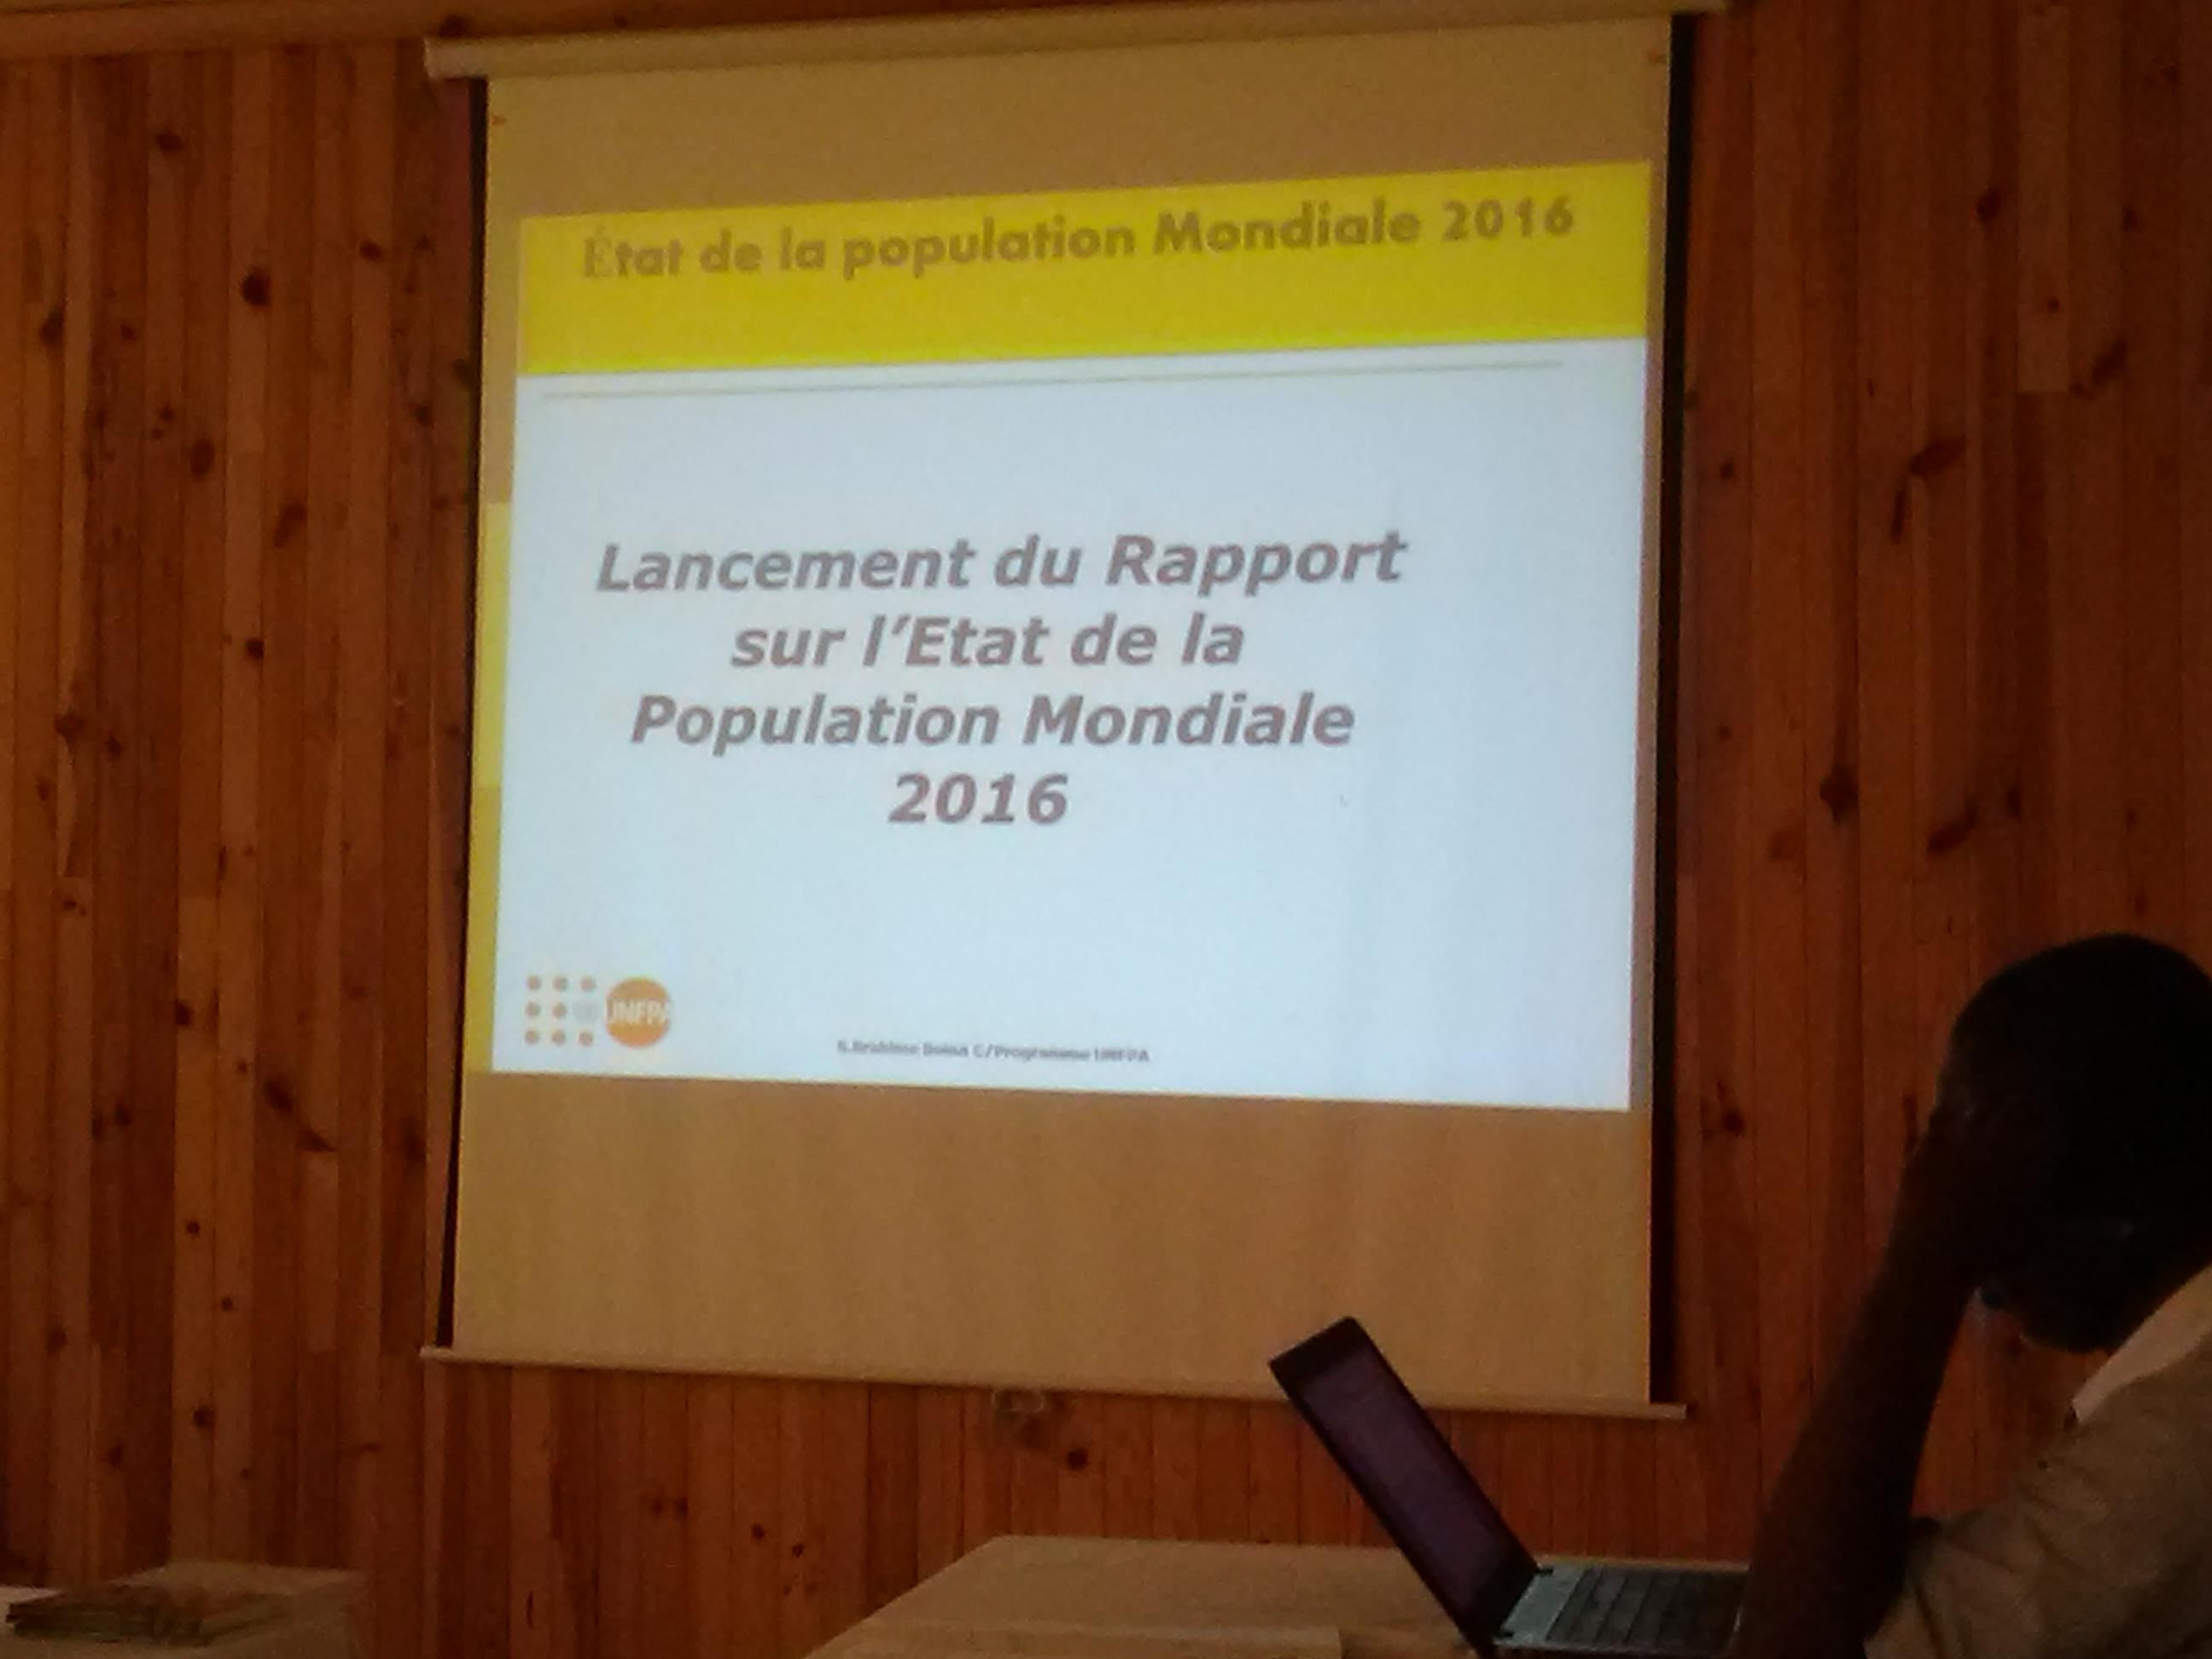 RAPPORT DE 2016 SUR L'ETAT DE LA POPULATION MONDIALE